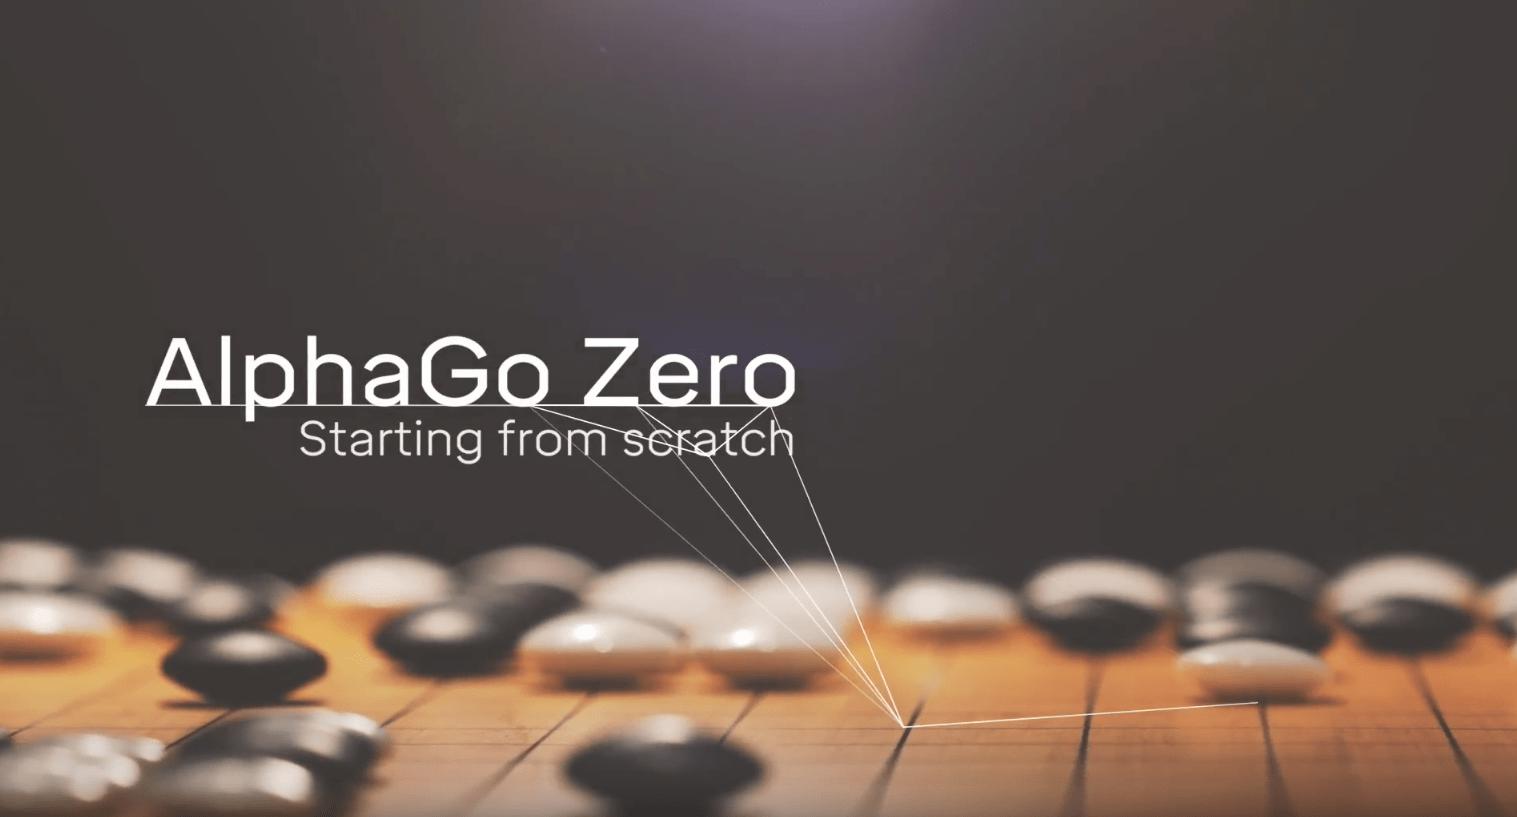 新 AlphaGo Zero 自學 21 日擊敗上代 AlphaGo 不靠人類知識